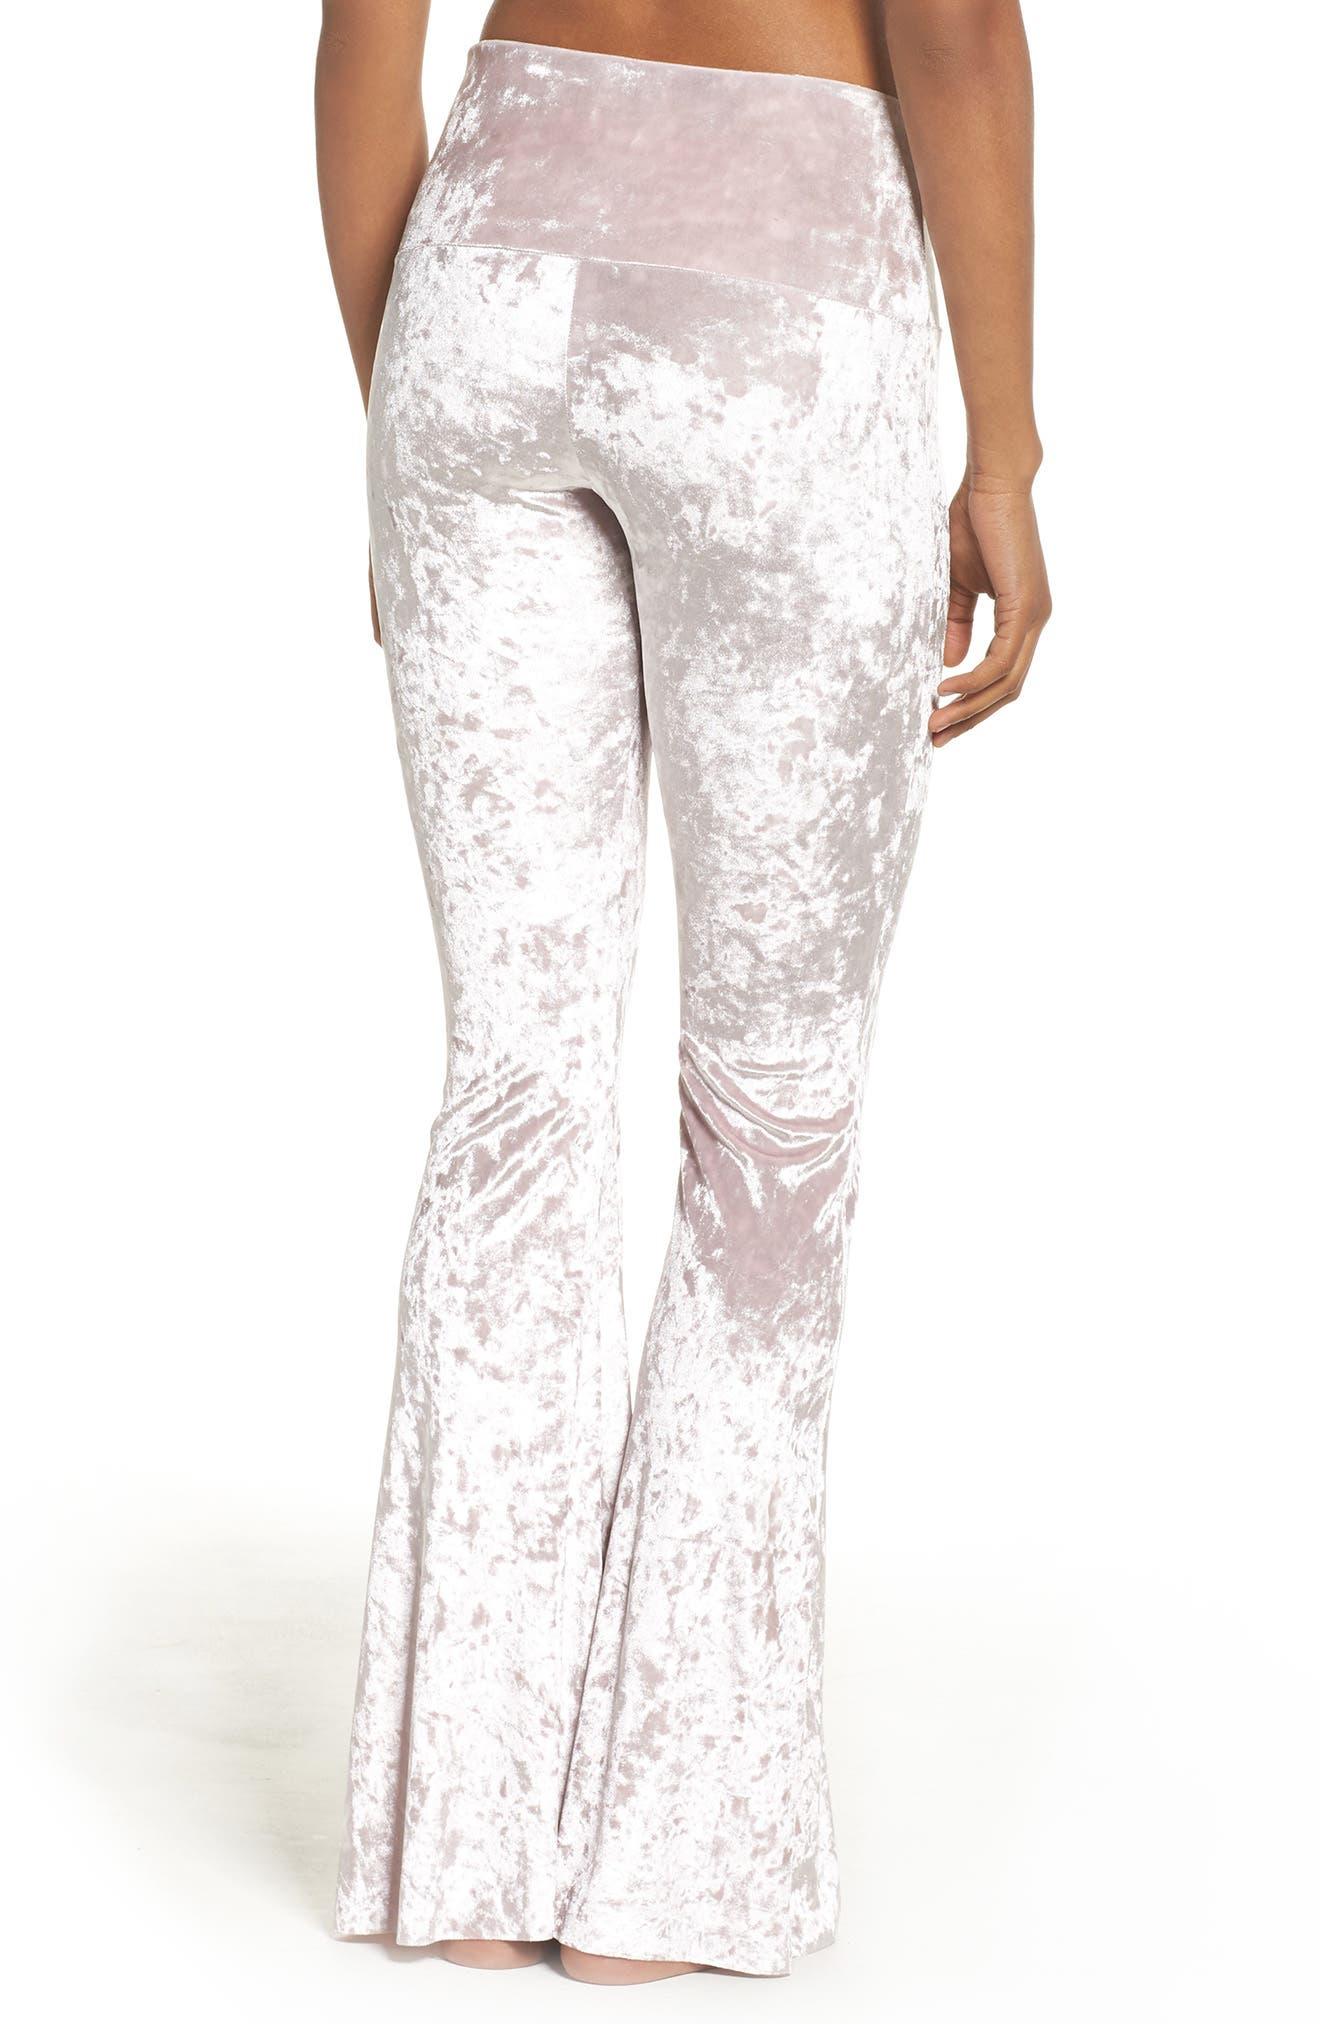 Flare Leg Yoga Pants,                             Alternate thumbnail 2, color,                             Mist Crushed Velvet